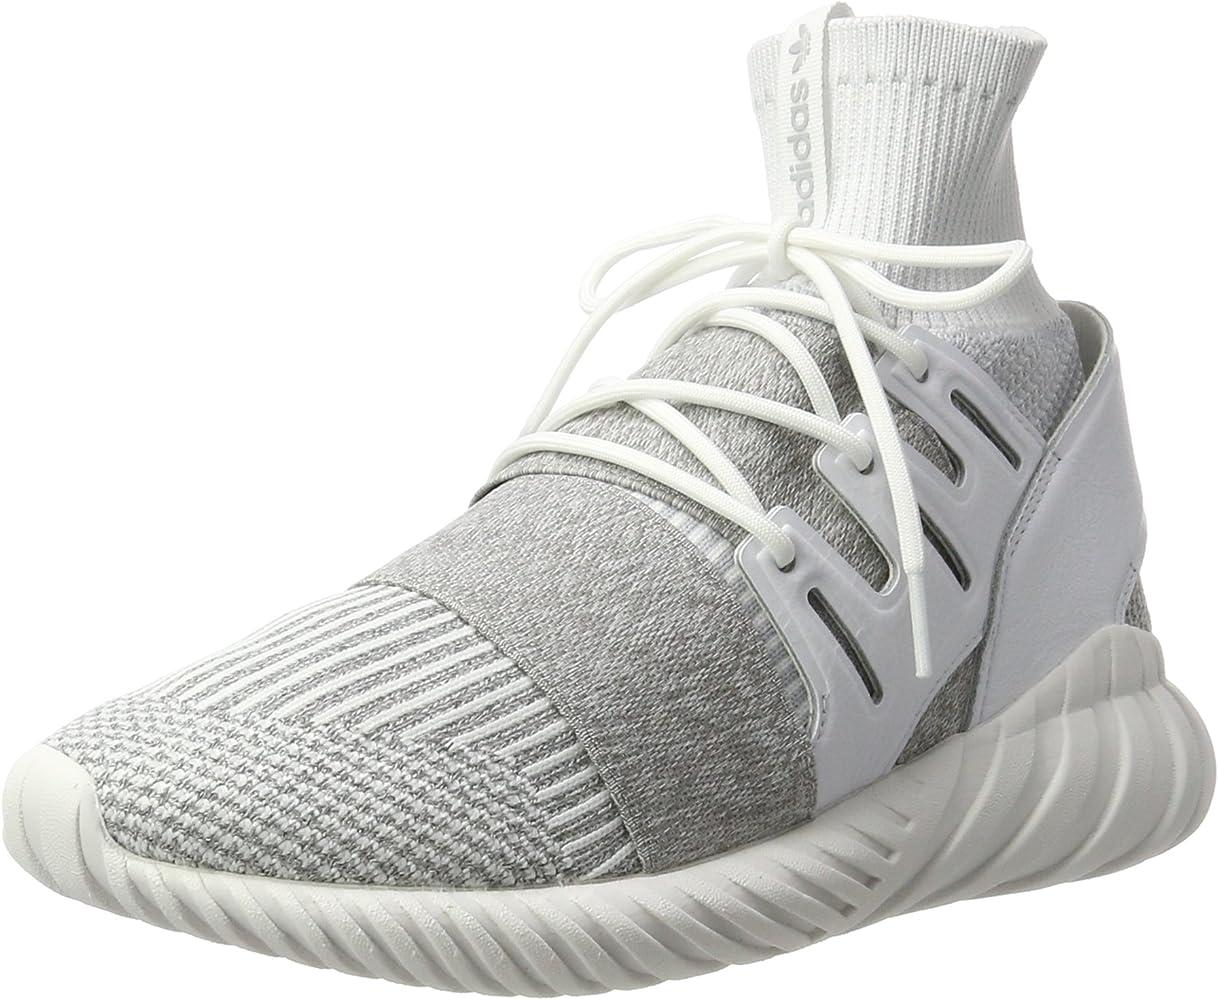 carolino Corteza falta de aliento  Amazon.com: Zapatillas de deporte Adidas para hombre, zapatos blancos,  zapatos blancos, color gris claro, 11.5 UK: Shoes